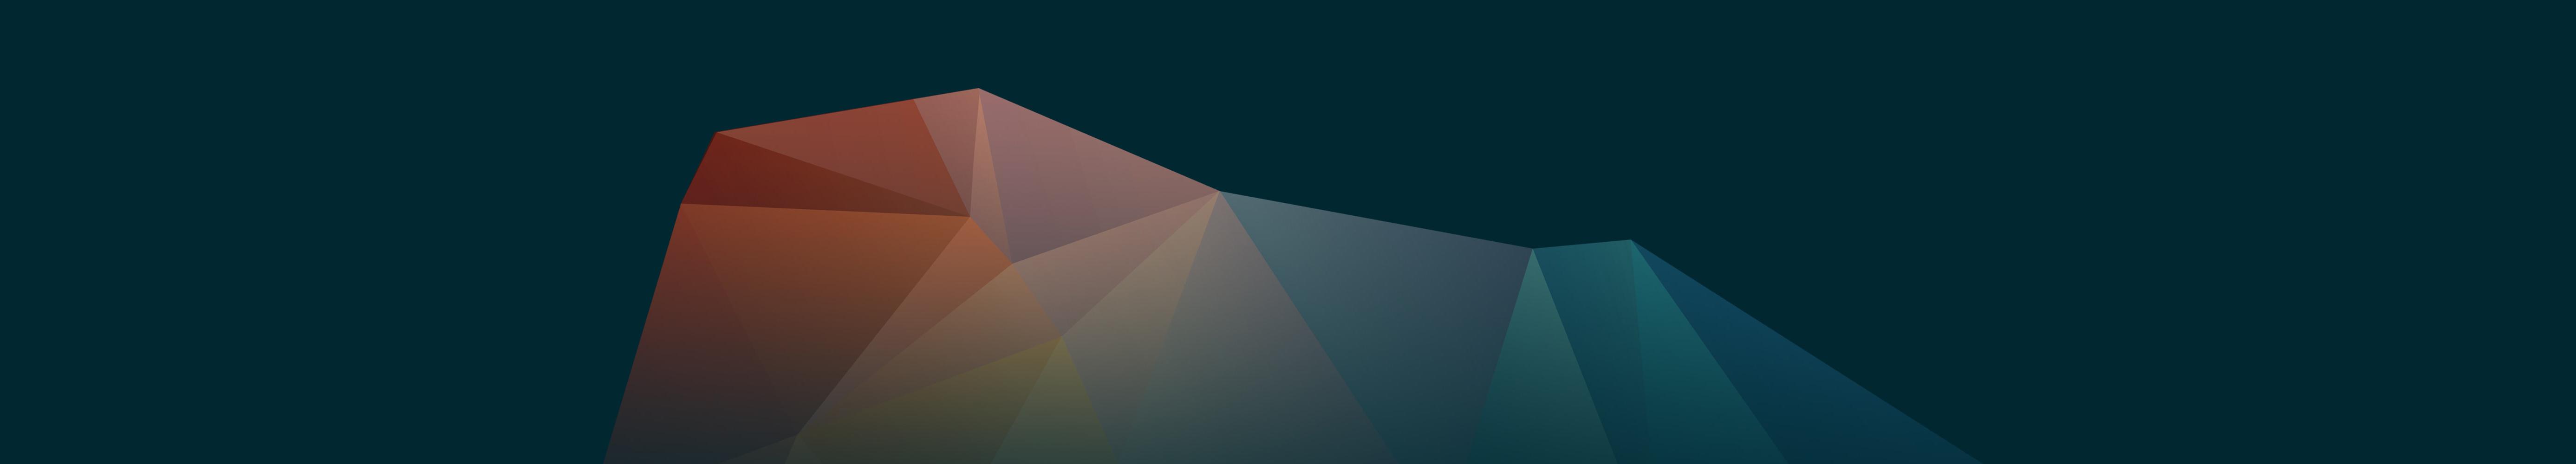 multi-colored mountain prism